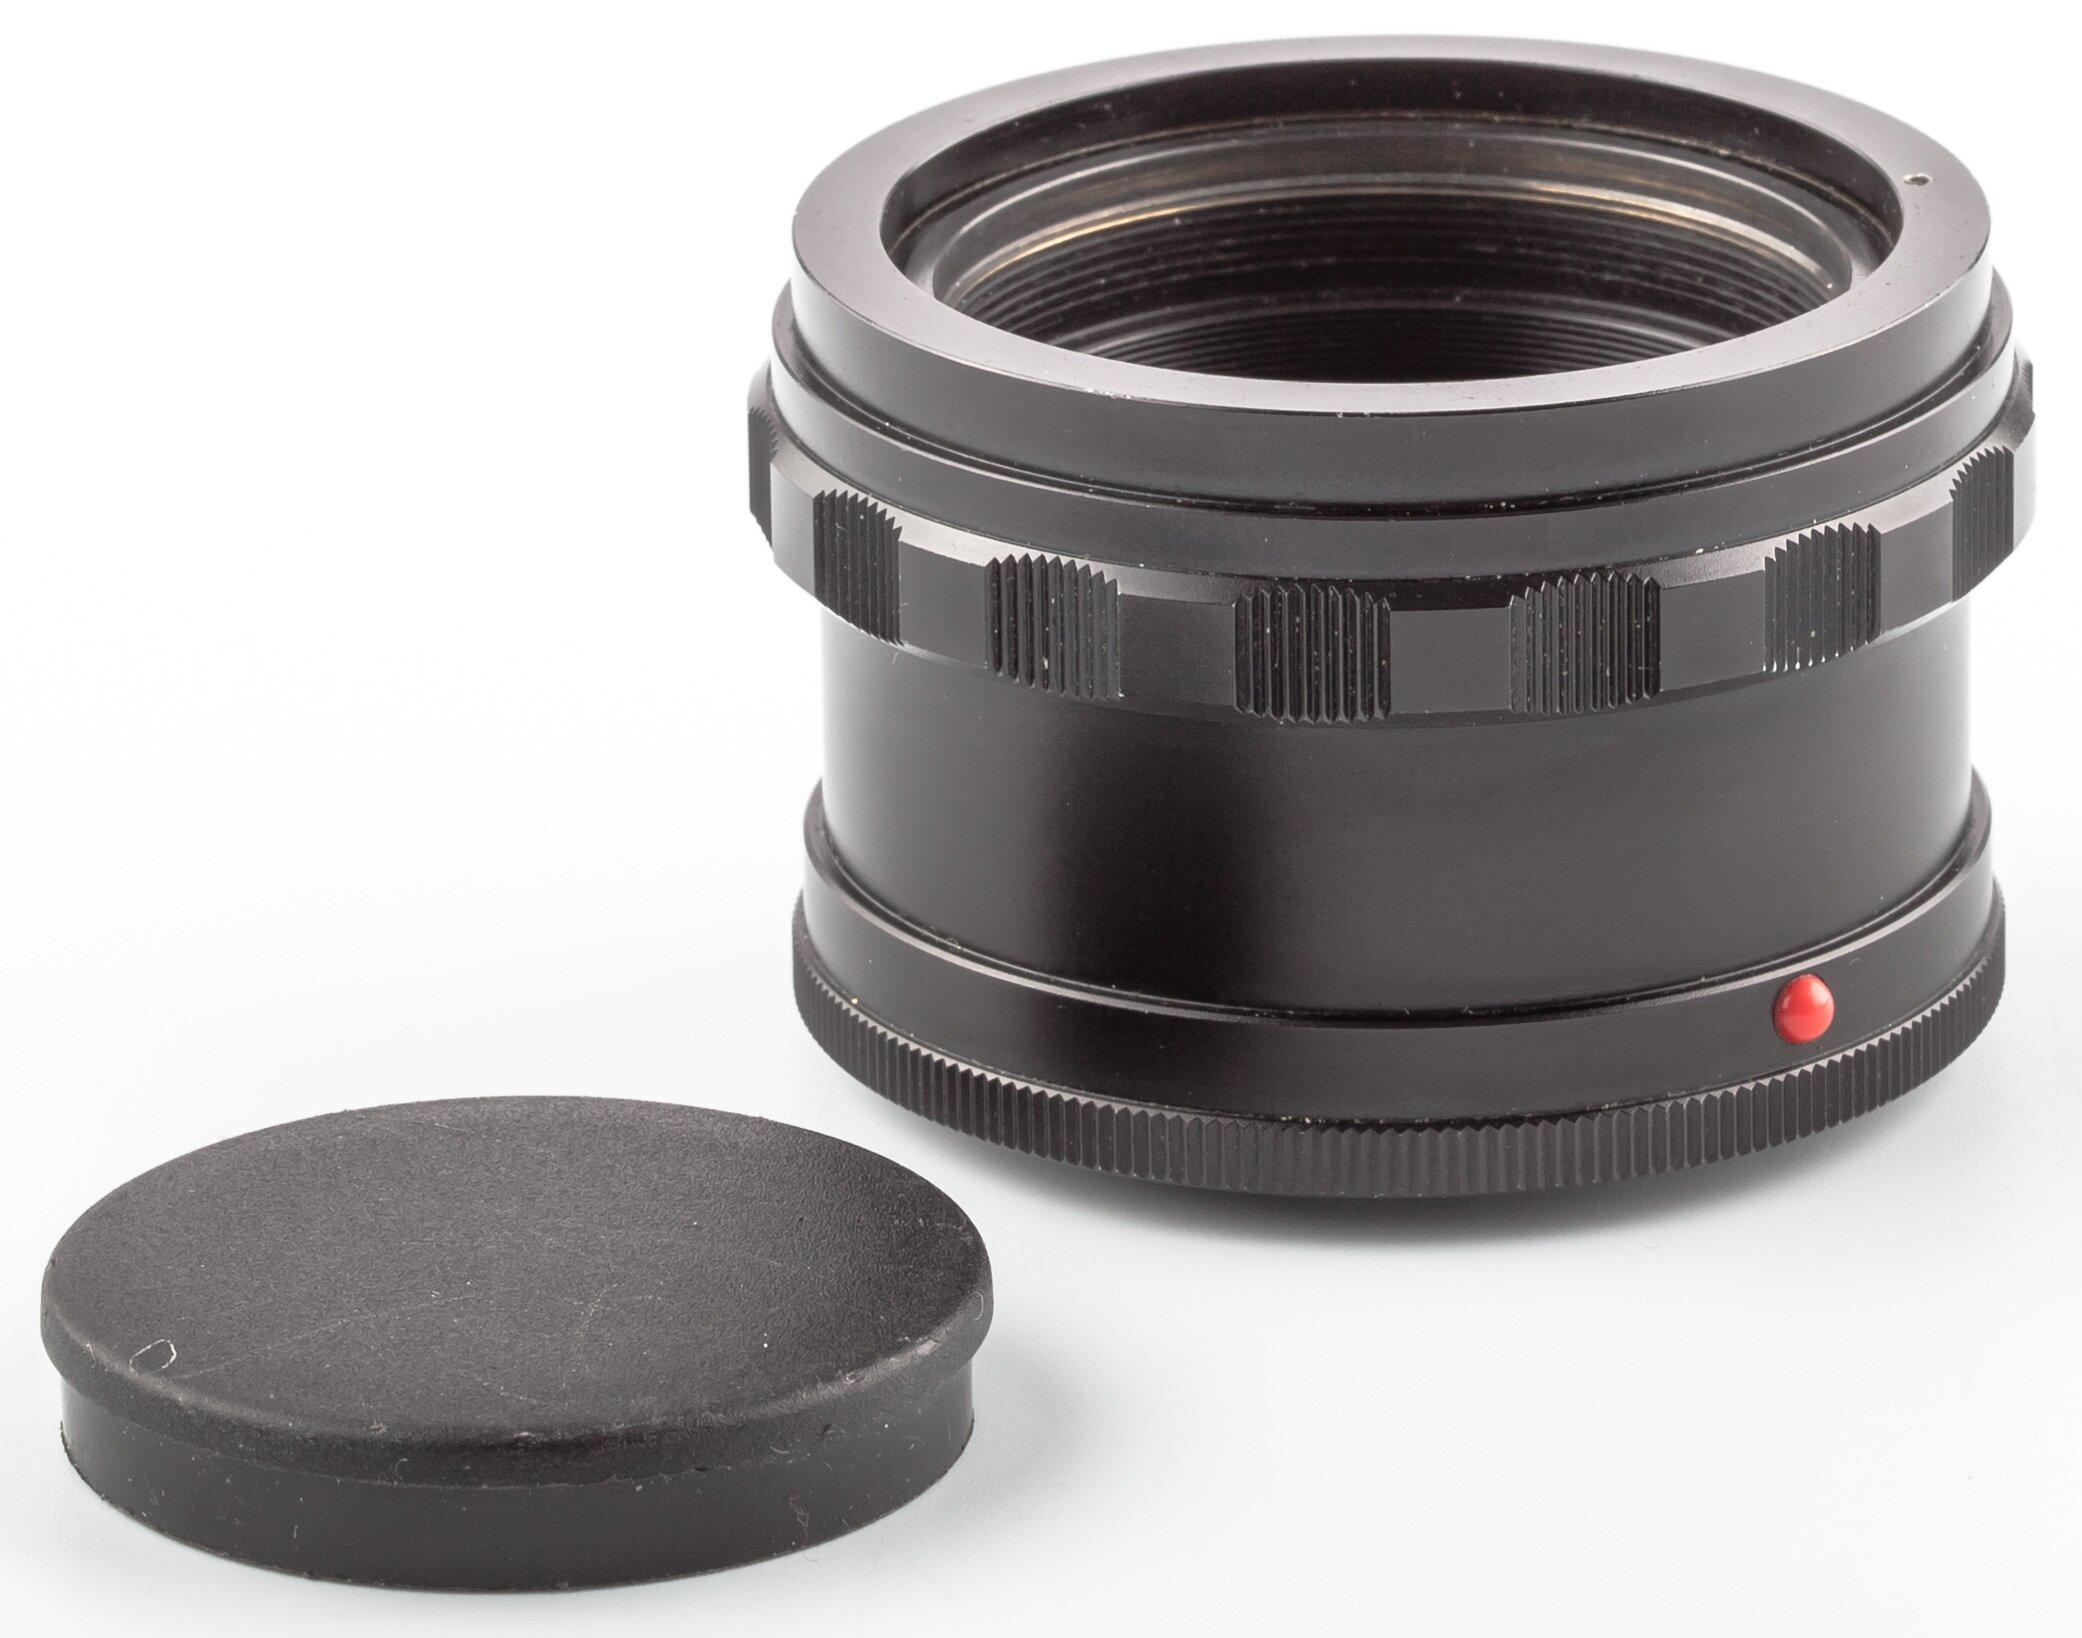 Leitz Leica Visoflex Zooep 90mm F2.0 Fokusierschnecke